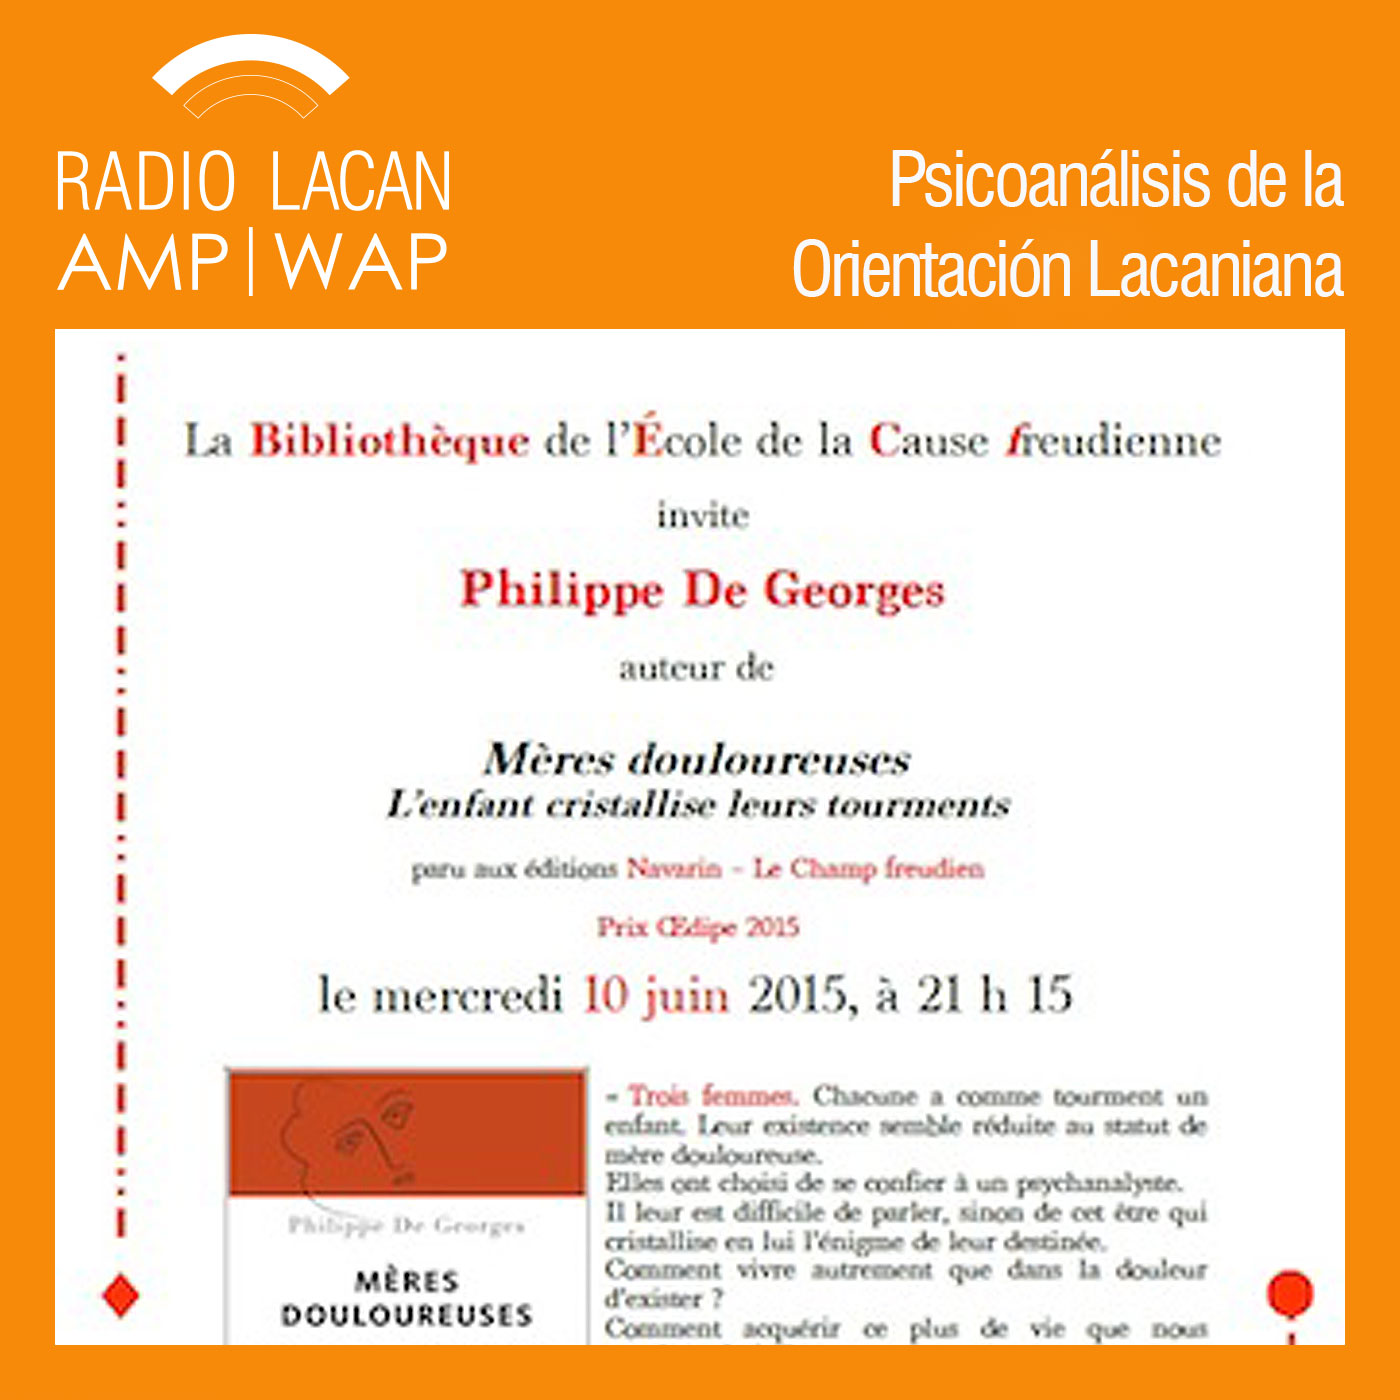 RadioLacan.com | <![CDATA[Noche de la Biblioteca de la ECF entorno al libro de Philippe de Georges: